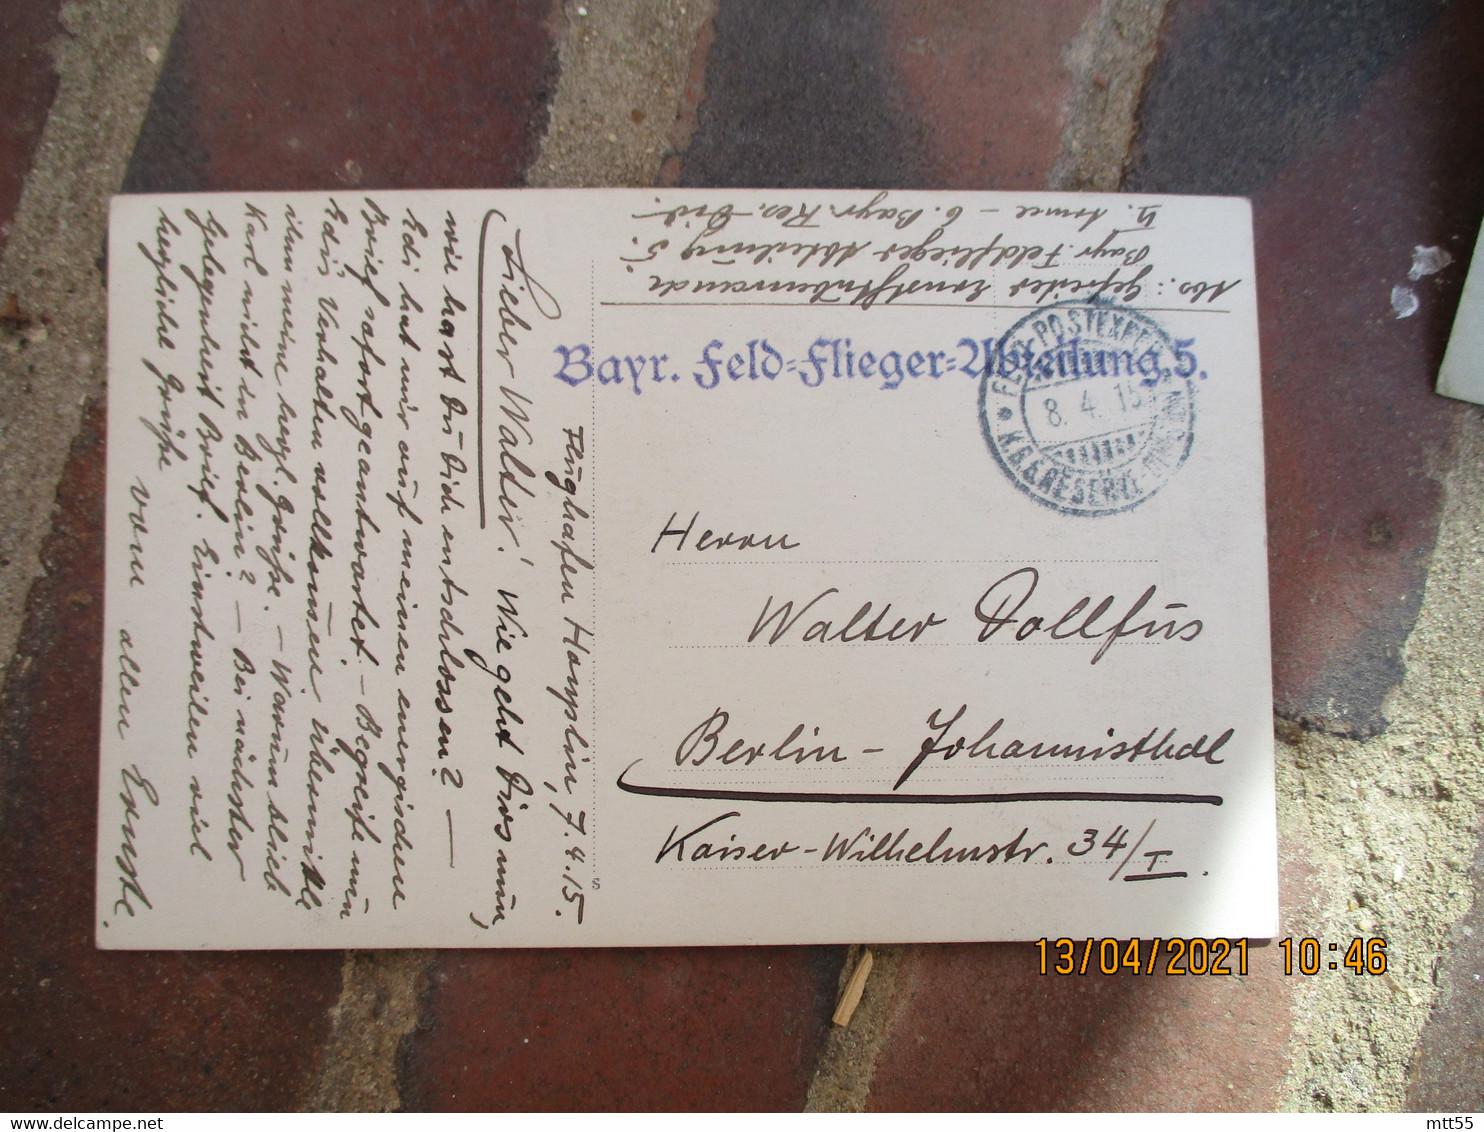 1915 Deutschland Carte Photo  Militaire Gare  Schleissheim Feldpost Bayr Feld Flieger Wbteilung 5 - Briefe U. Dokumente